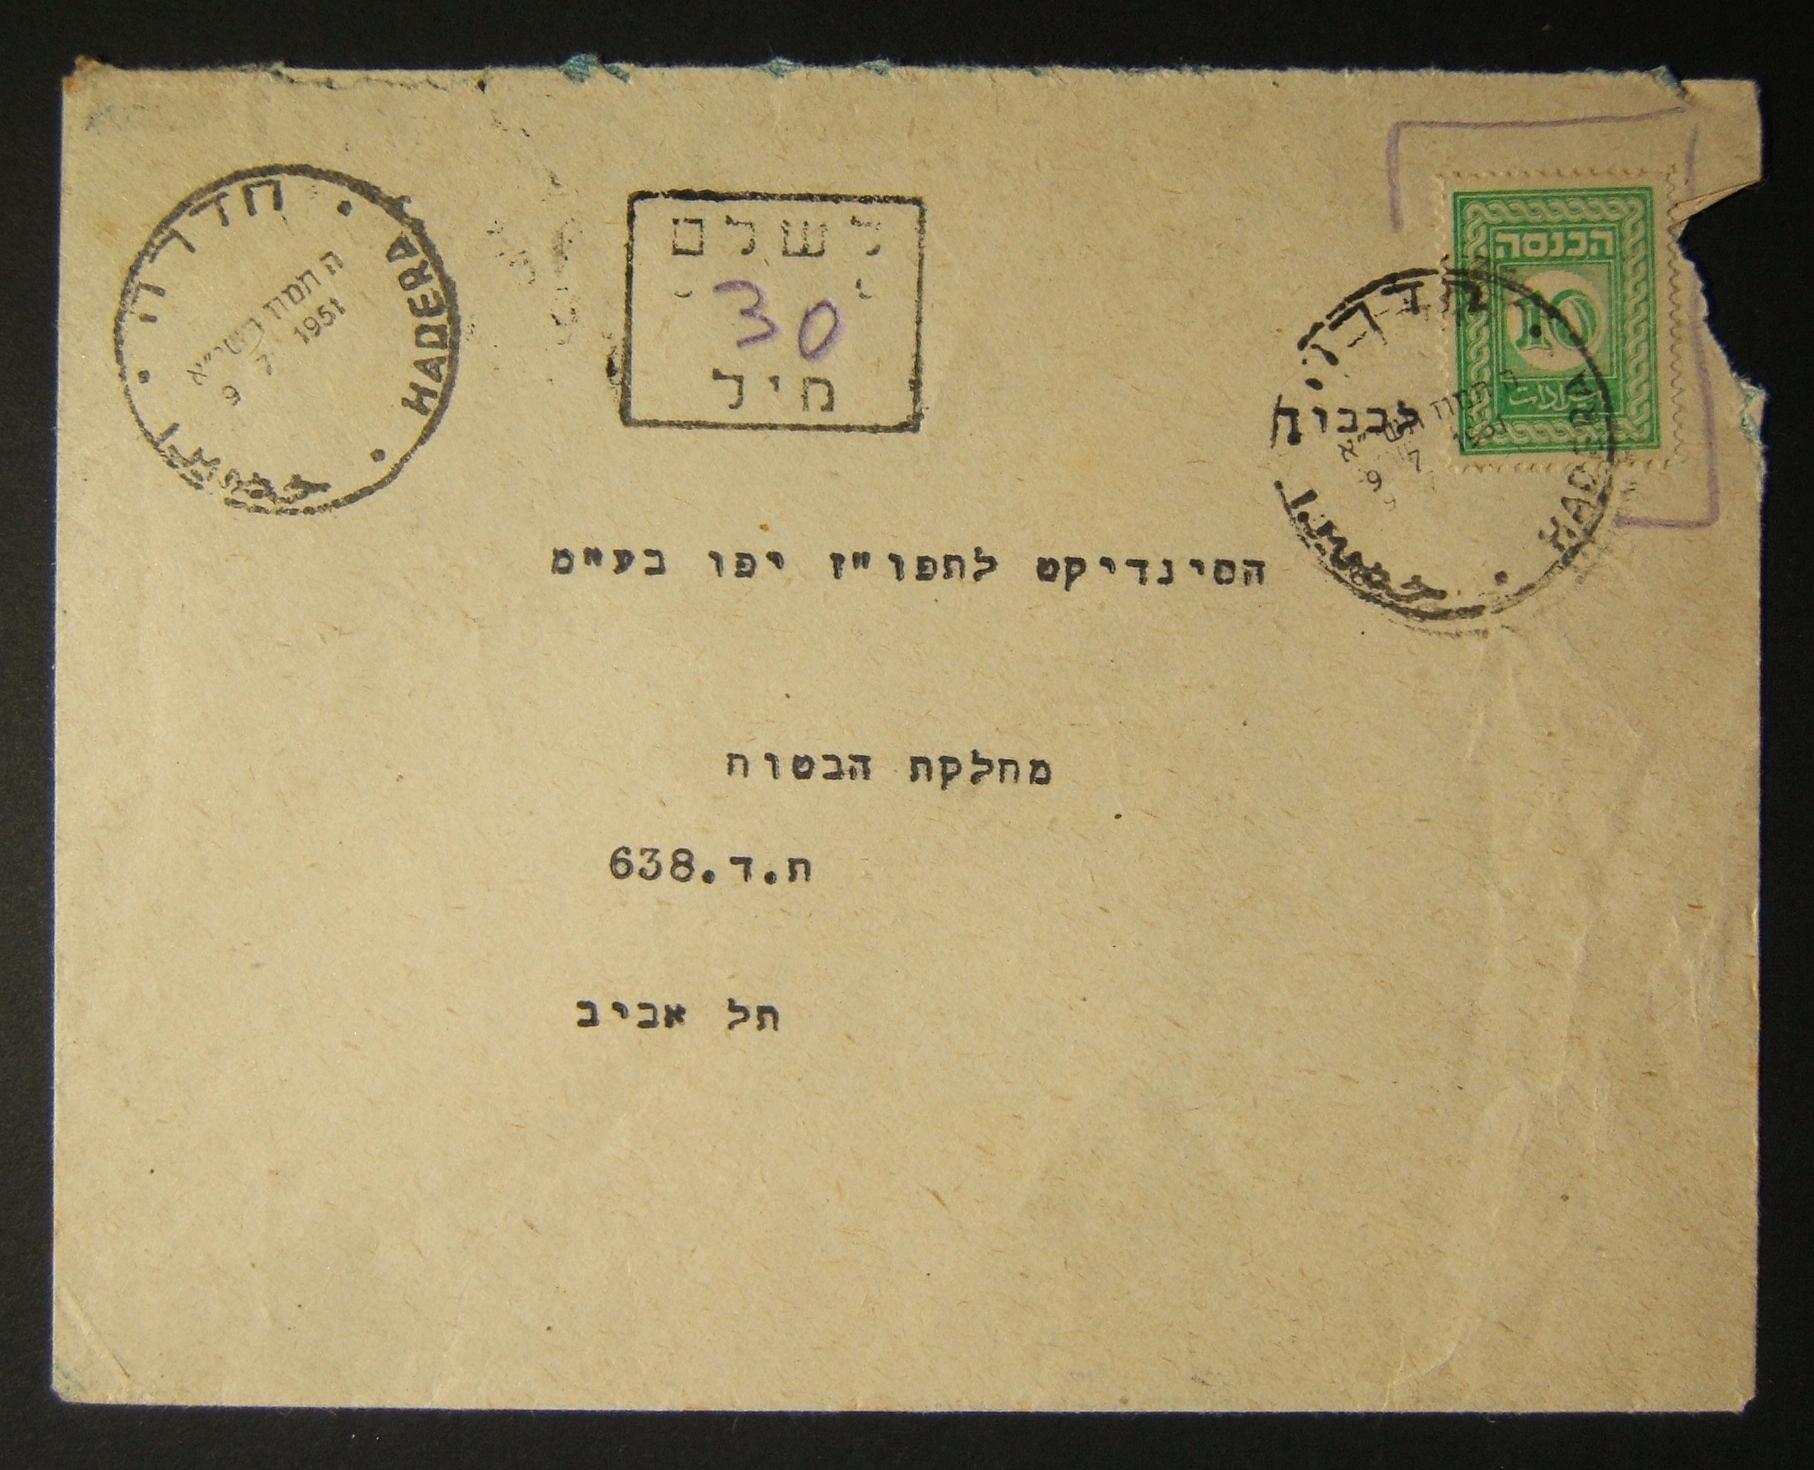 1951 خديرا إلى تل أبيب ، وكان مكتوبًا دون الحاجة إلى البريد ، وكان يُفرض عليه رسومًا مضاعفة للبريد